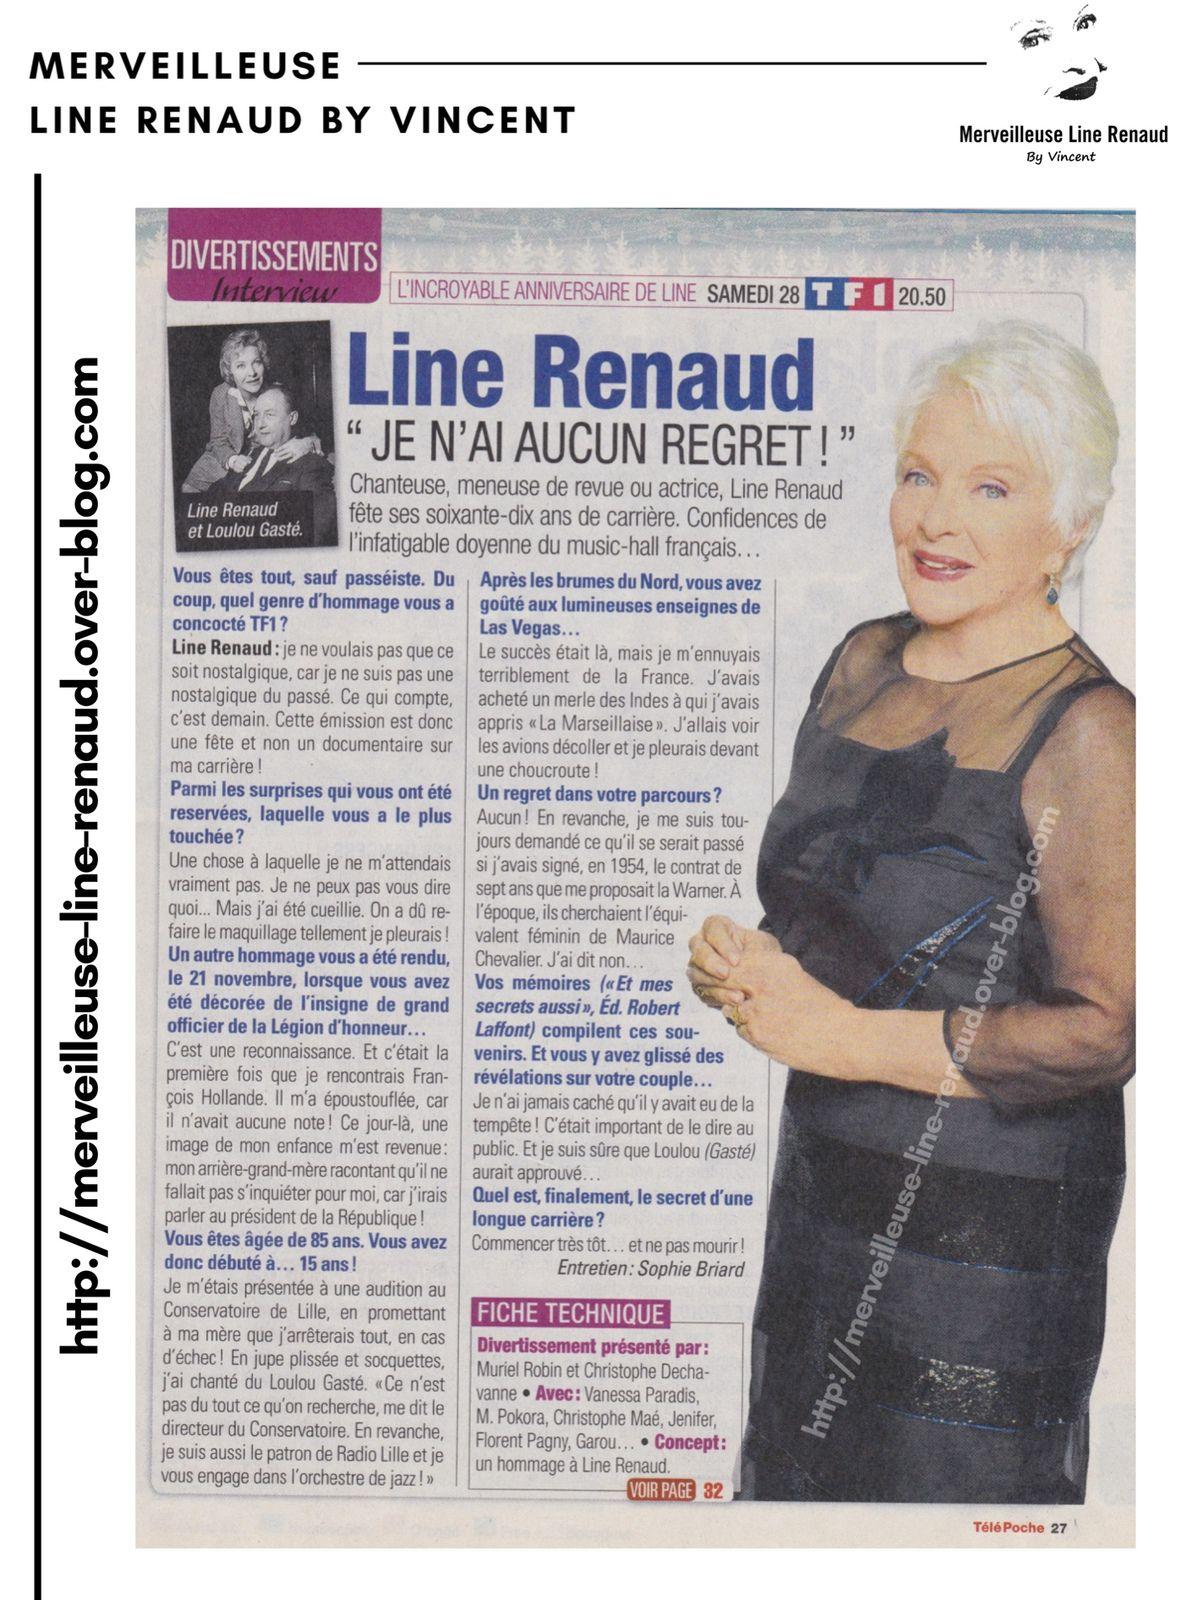 PRESSE: Télé Poche - n°2498 - 28 décembre 2013